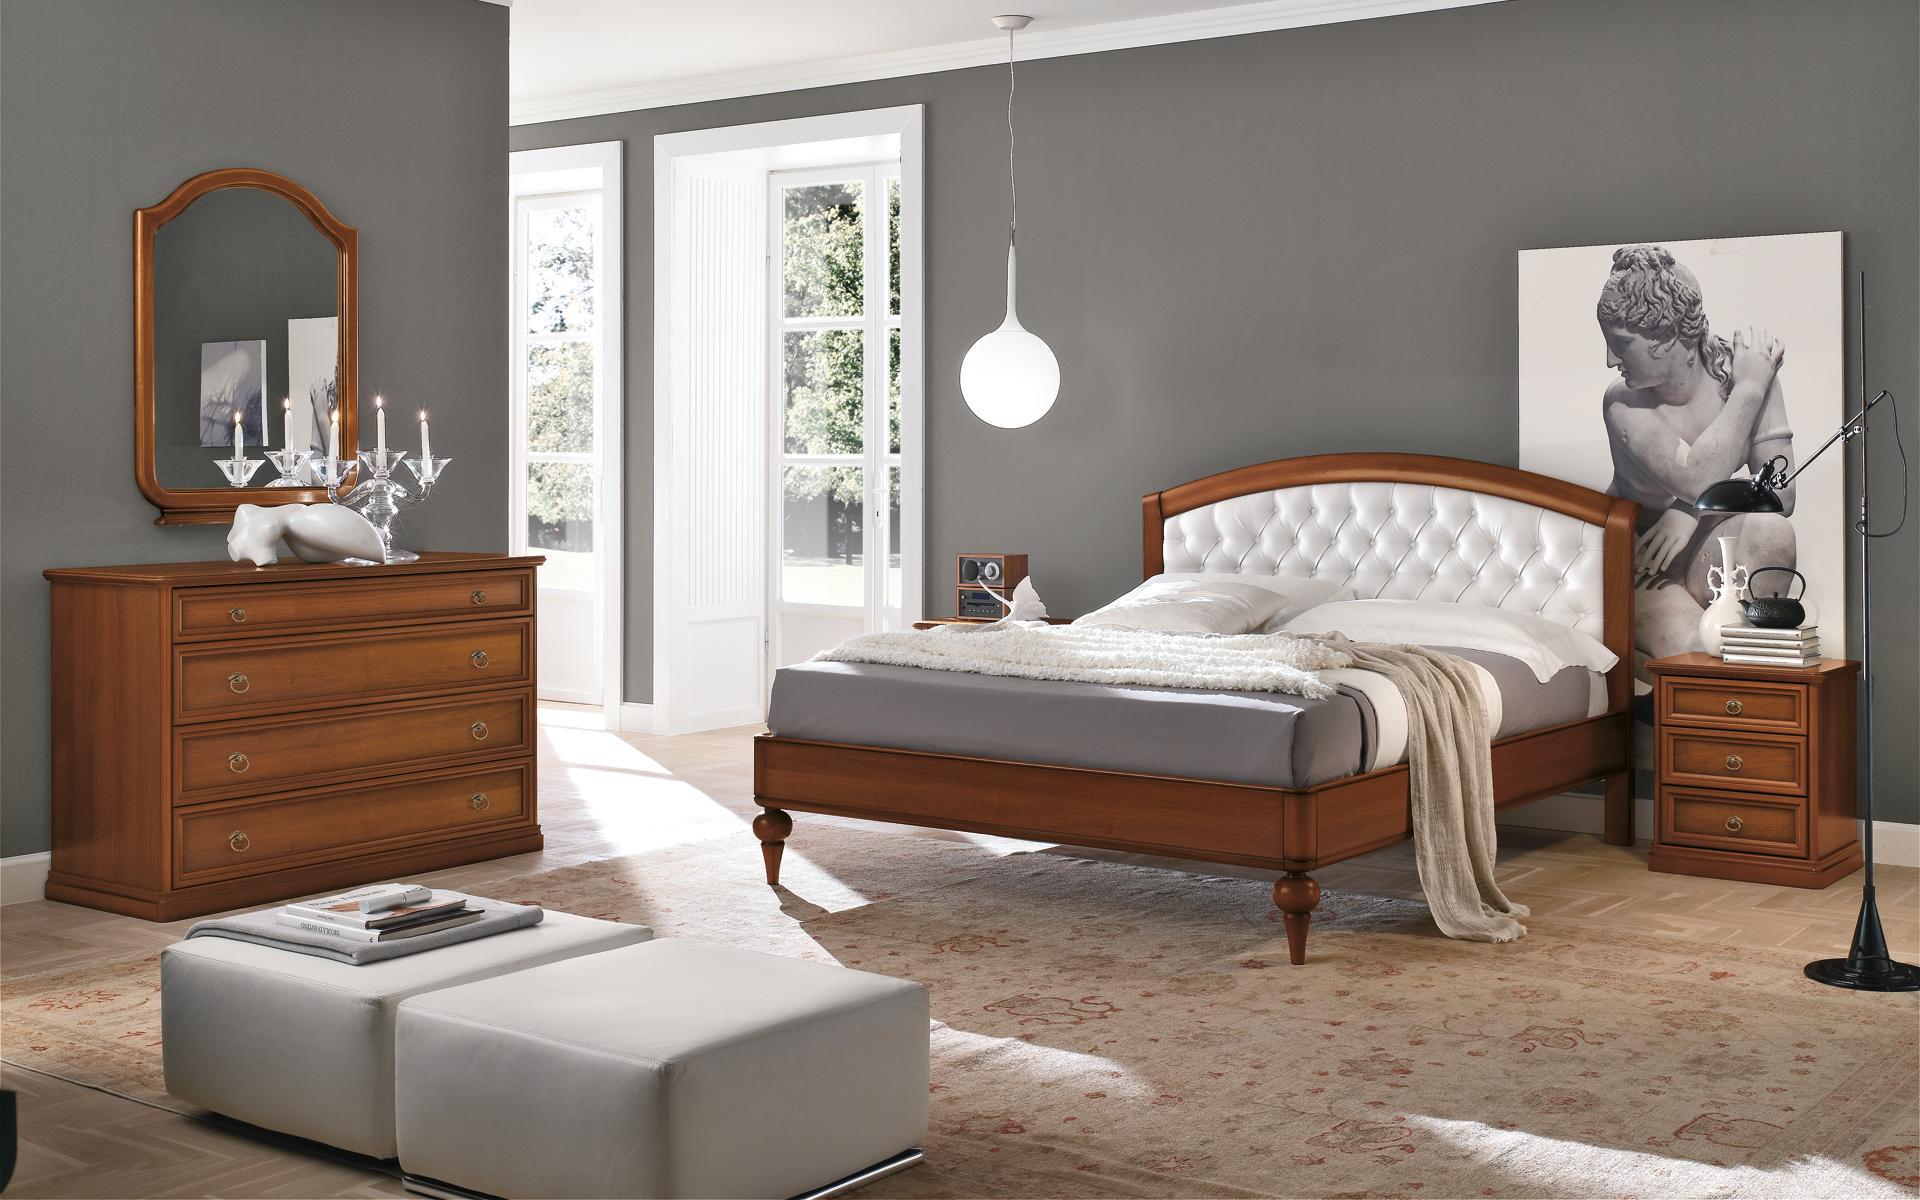 Arredo classico apuzzo mobili dal 1953 for Arredo casa mobili